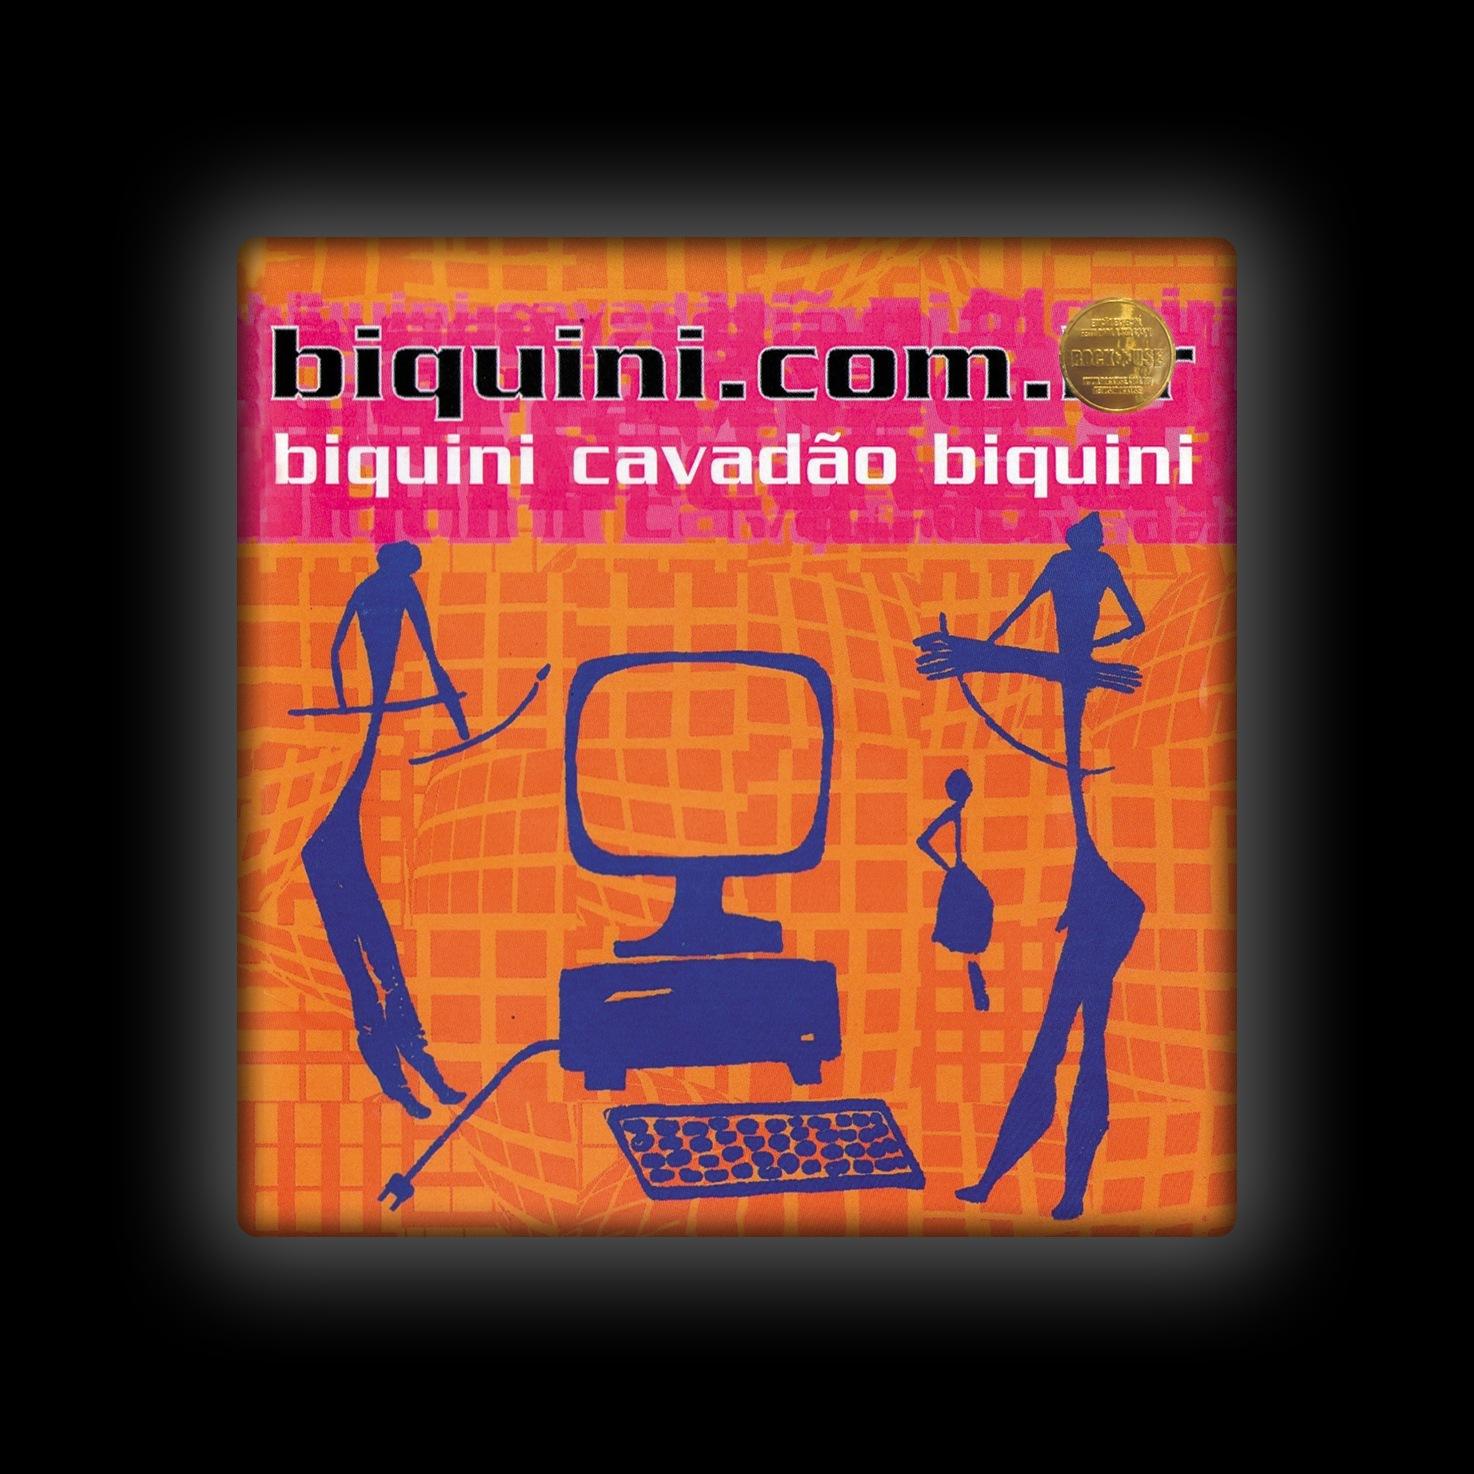 Capa de Almofada Biquini - Biquini.com.br